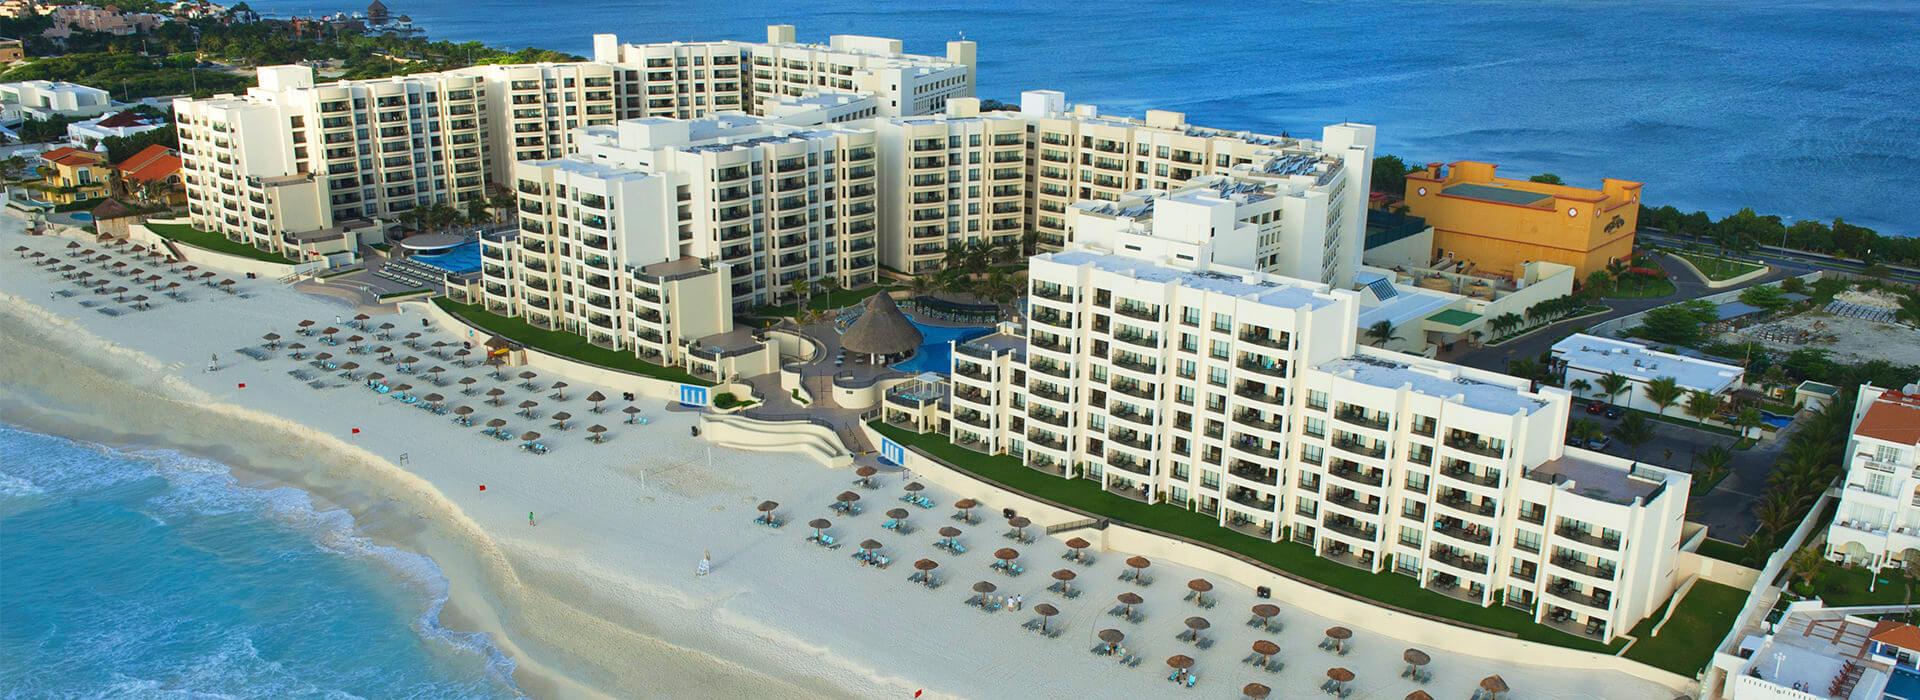 5 star resorts in Cancun